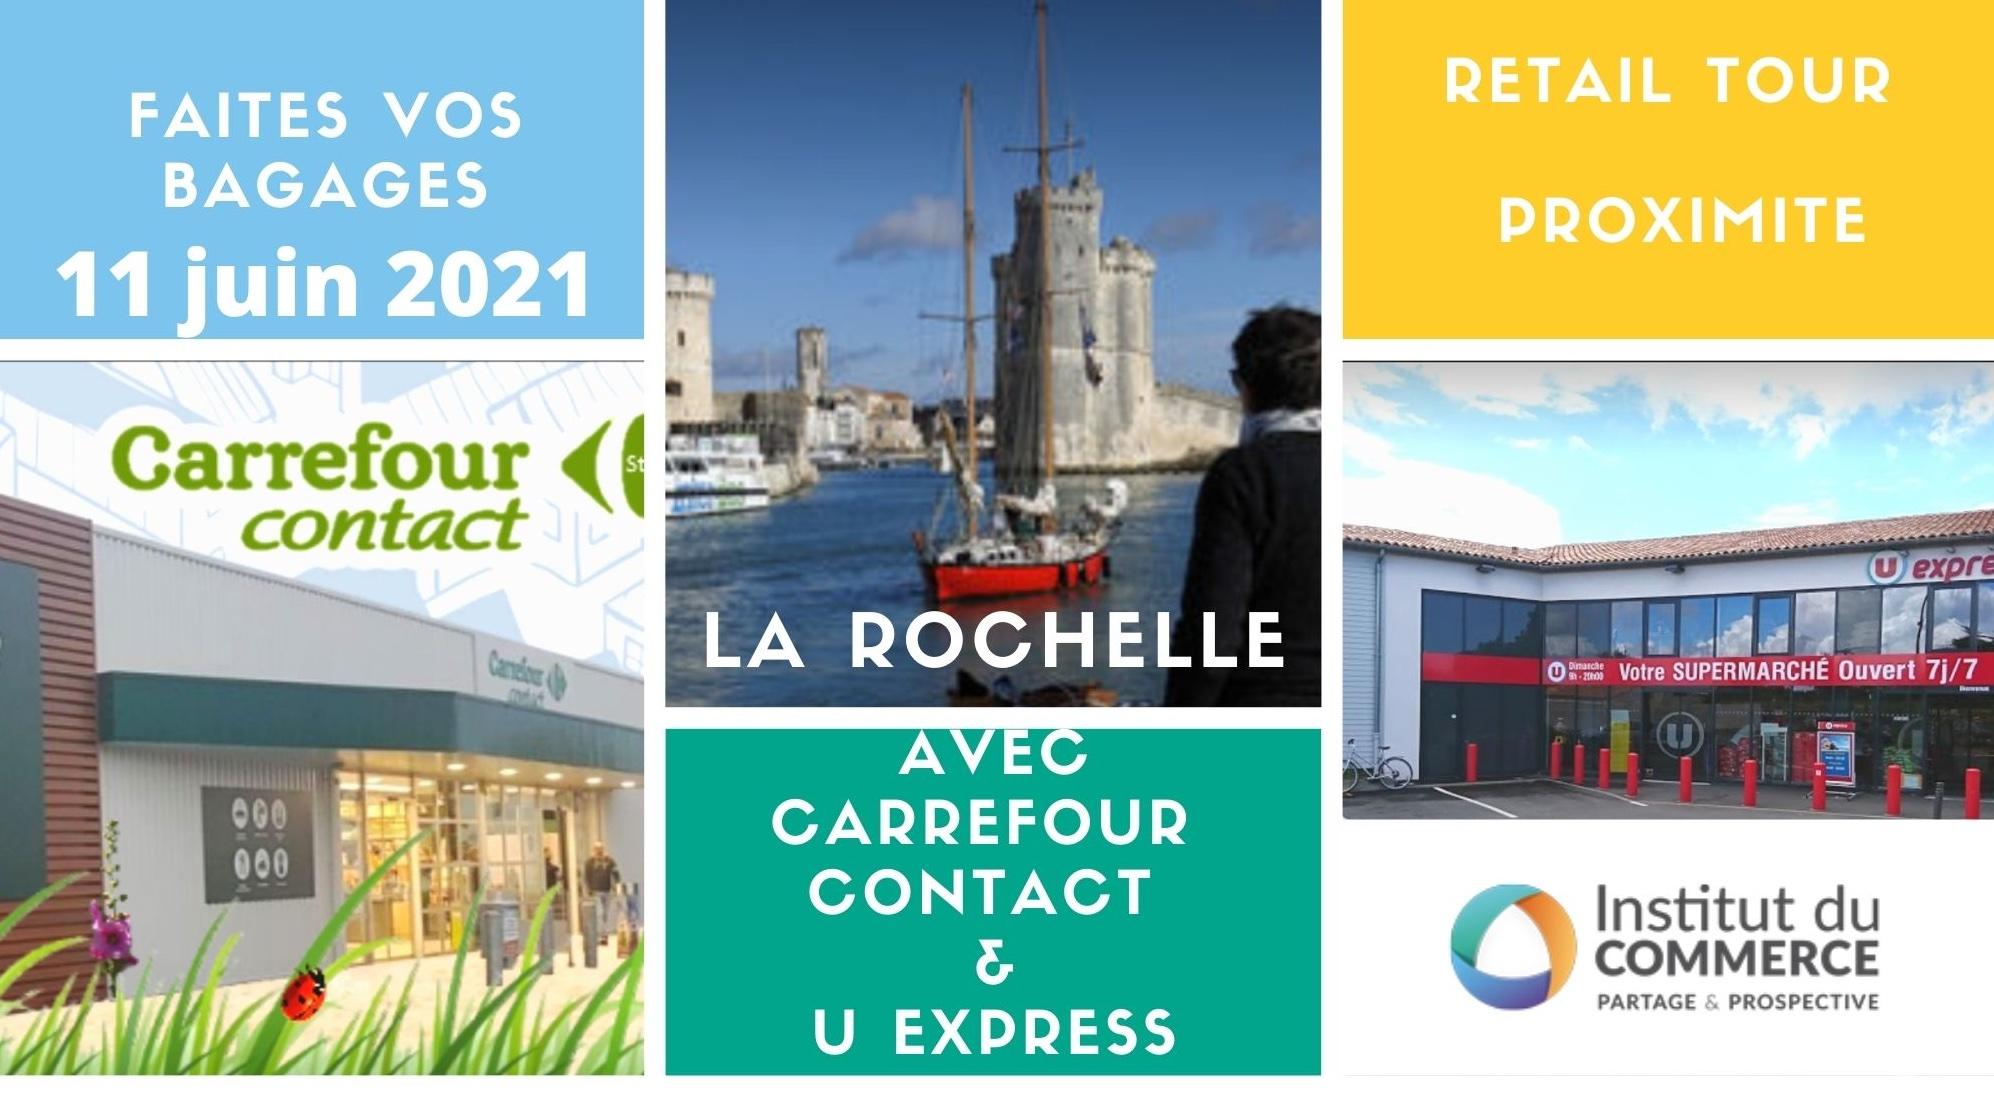 Retail tour Proximité La Rochelle